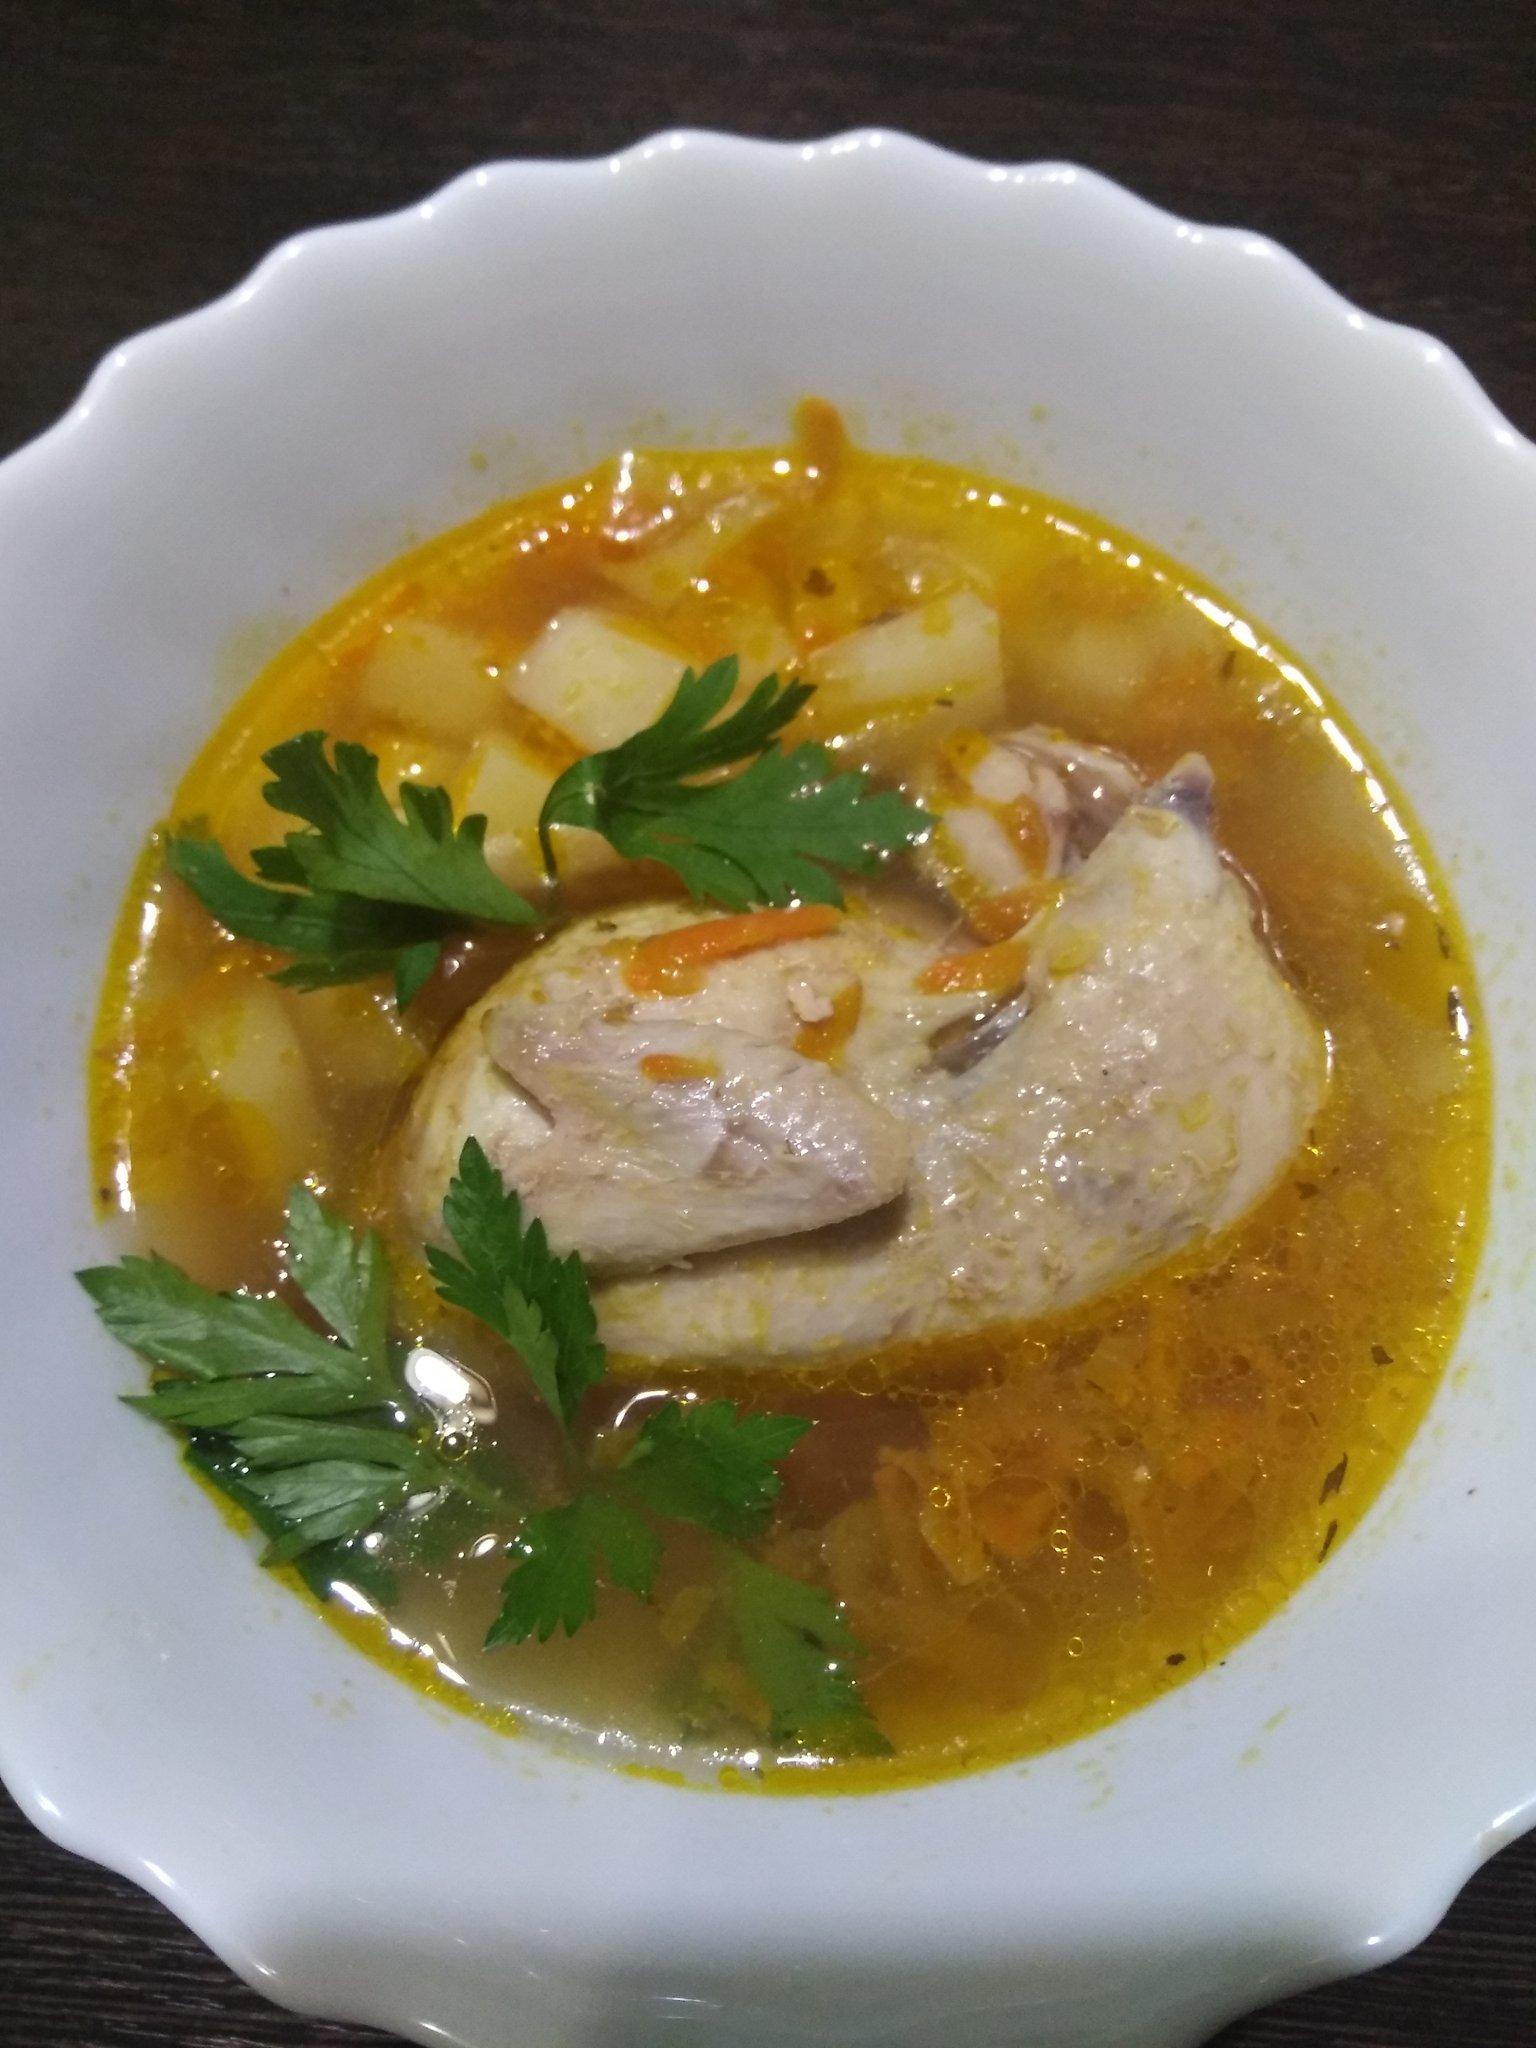 чтоб суп из перепелов рецепт с фото предприятий железнодорожного